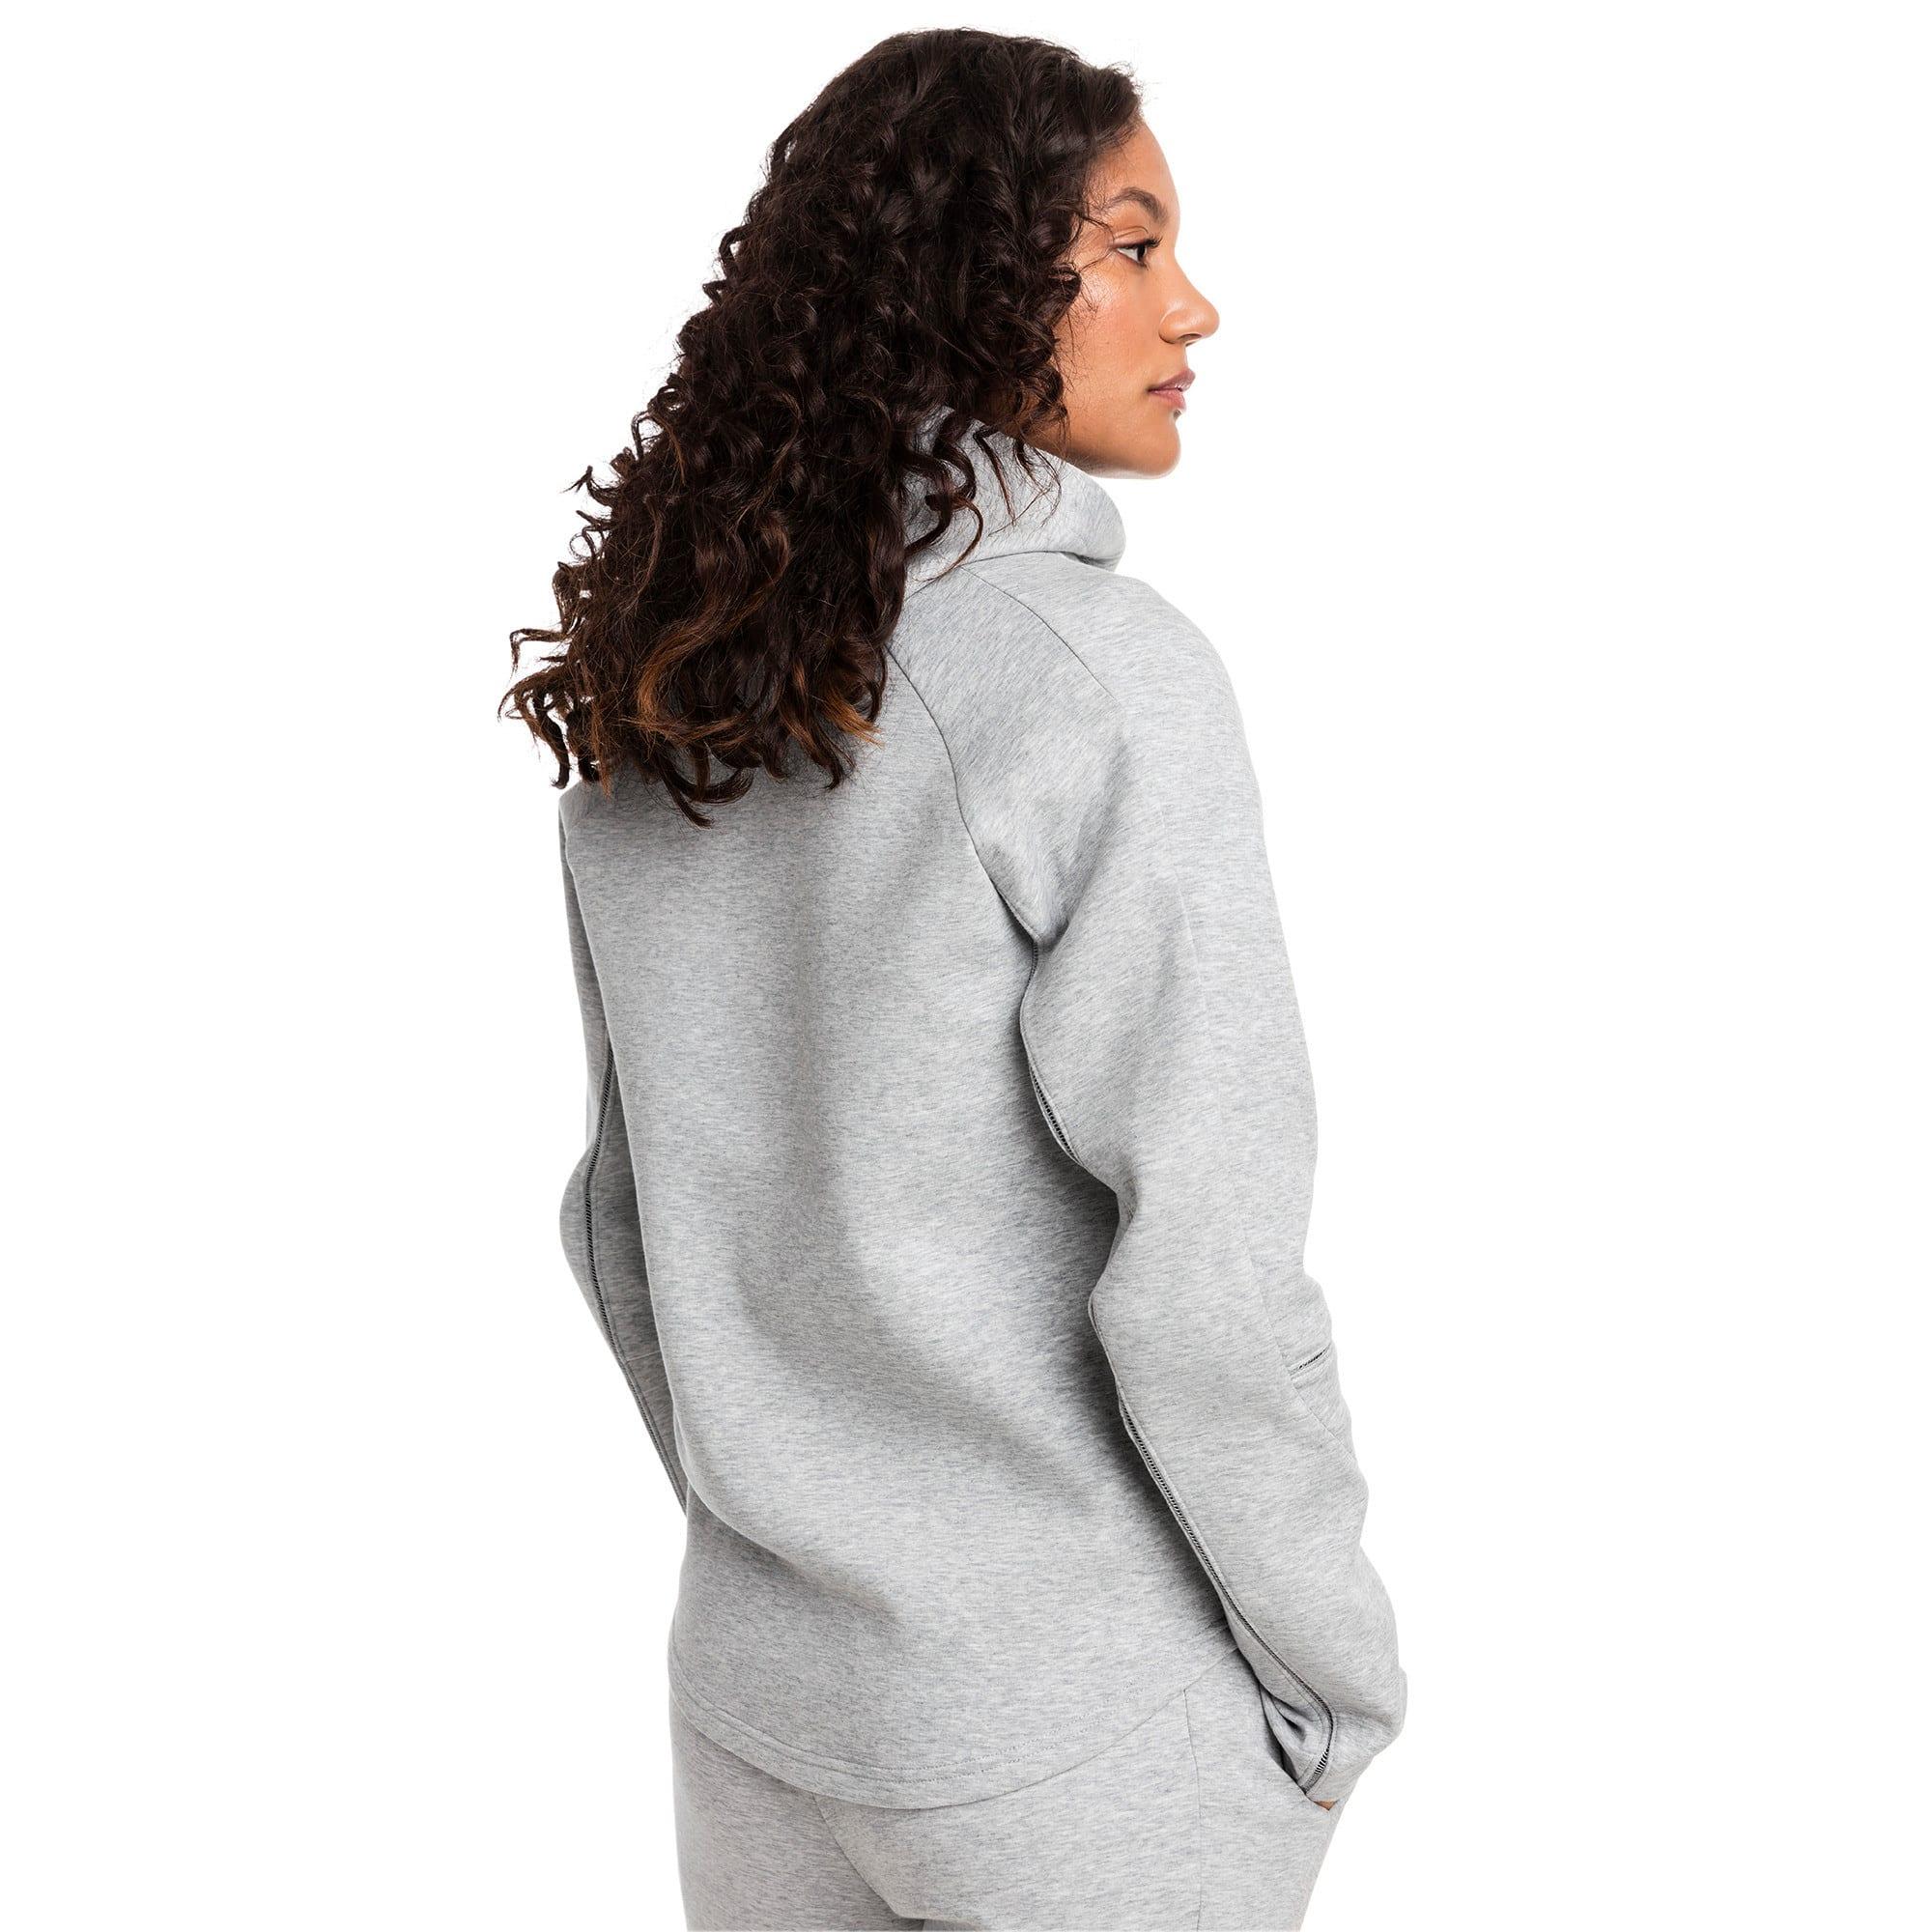 Thumbnail 2 van Evostripe Move hoodie met rits voor vrouwen, Light Gray Heather, medium